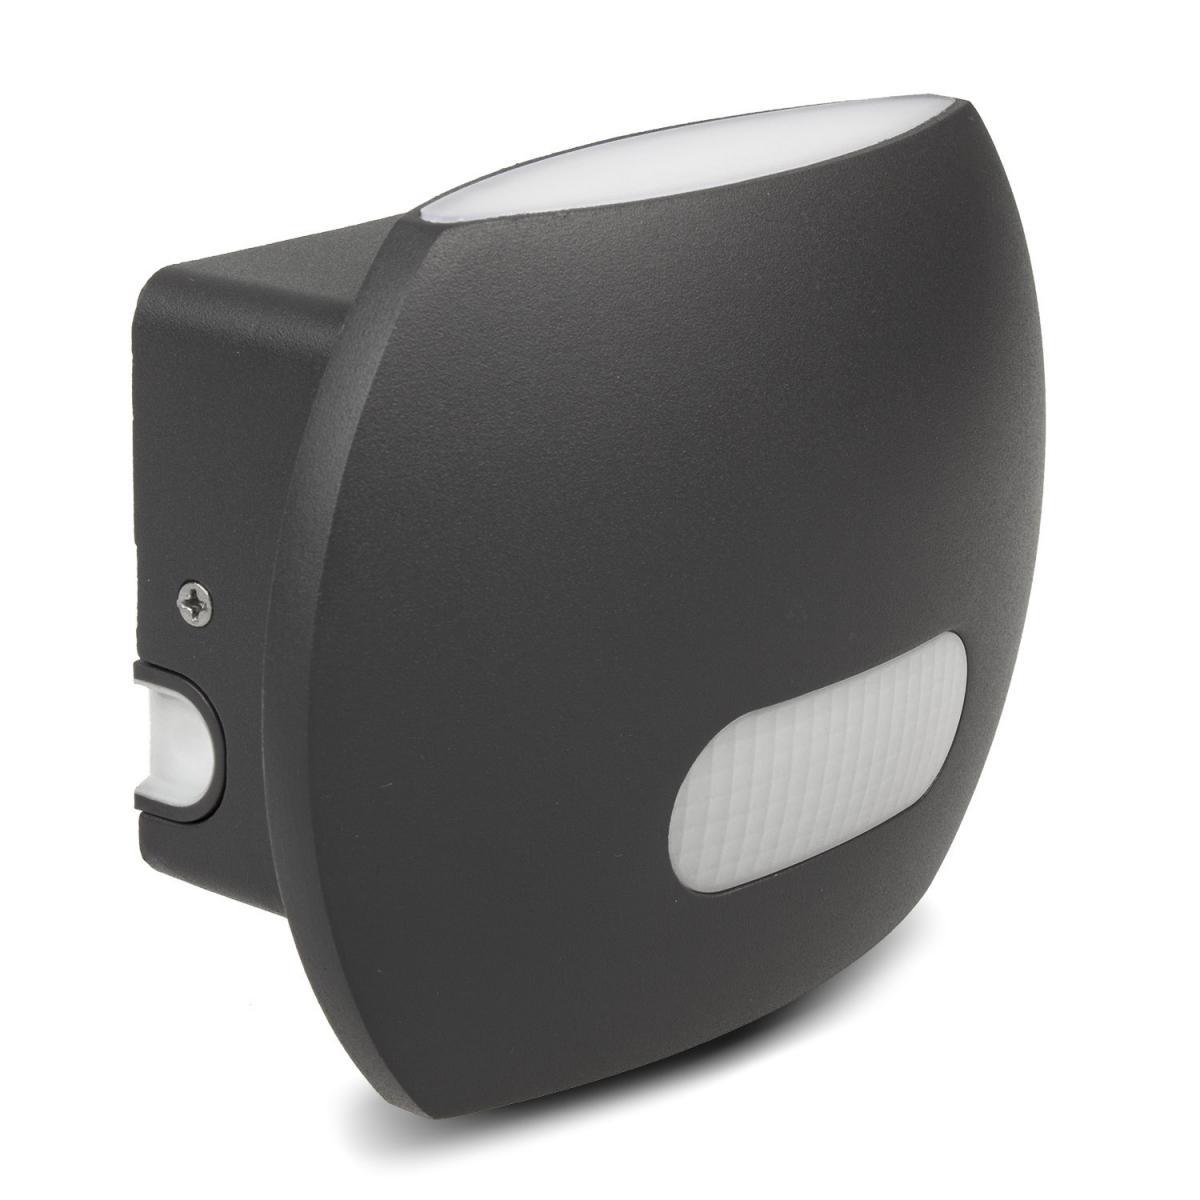 Maclean Lampe LED Maclean avec détecteur de mouvement PIR murale intérieur / extérieur IP65 4000K blanc neutre